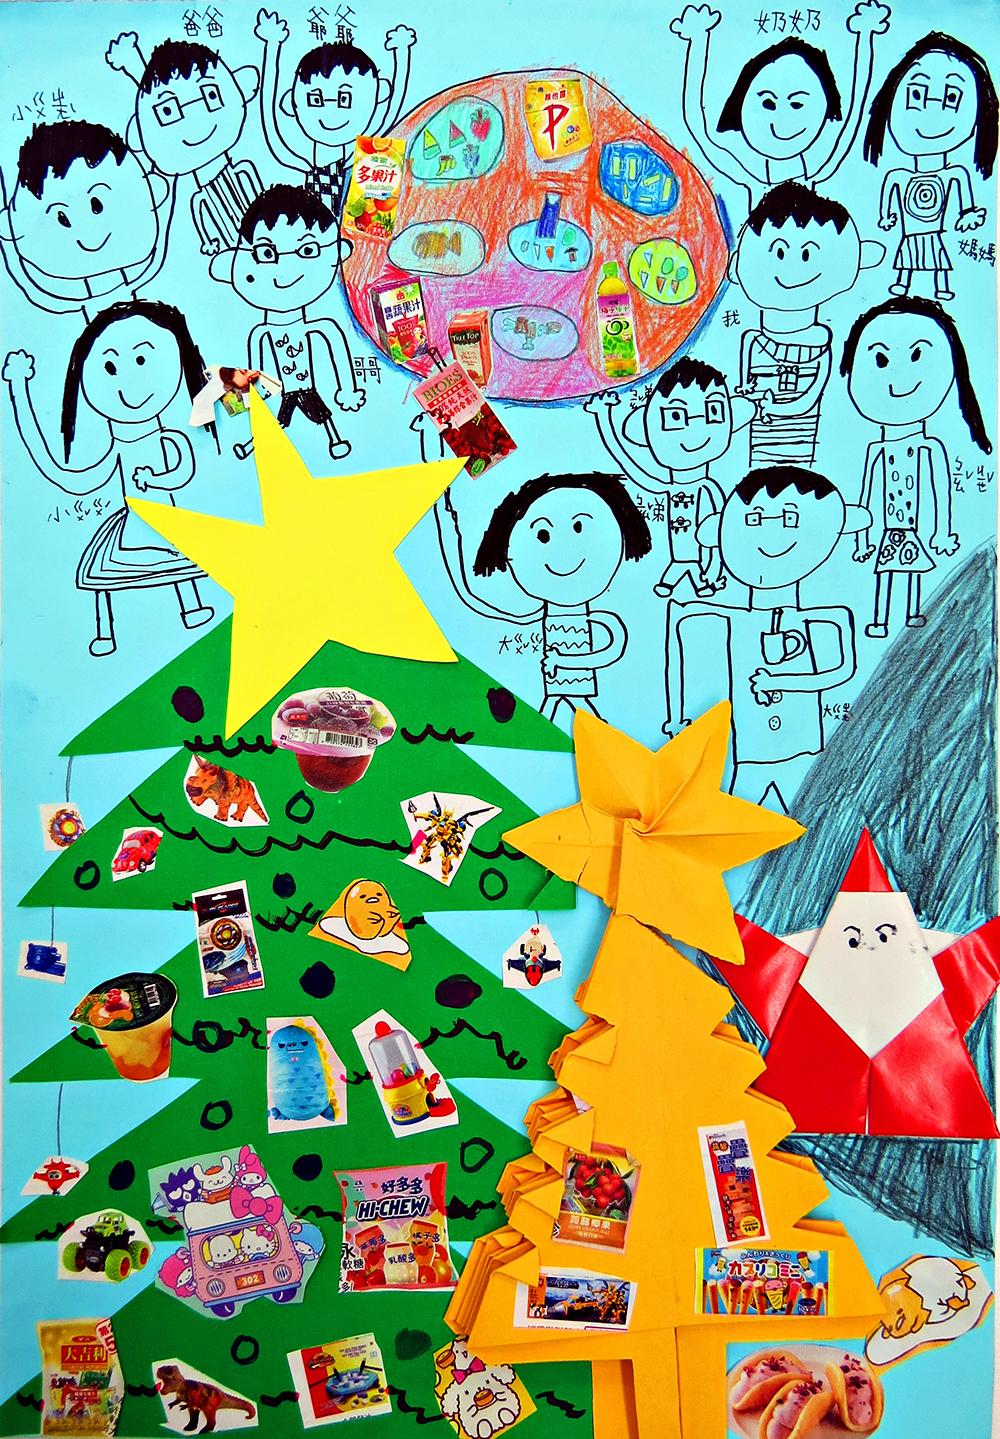 兒童組-優等獎 聖誕節的團圓夜